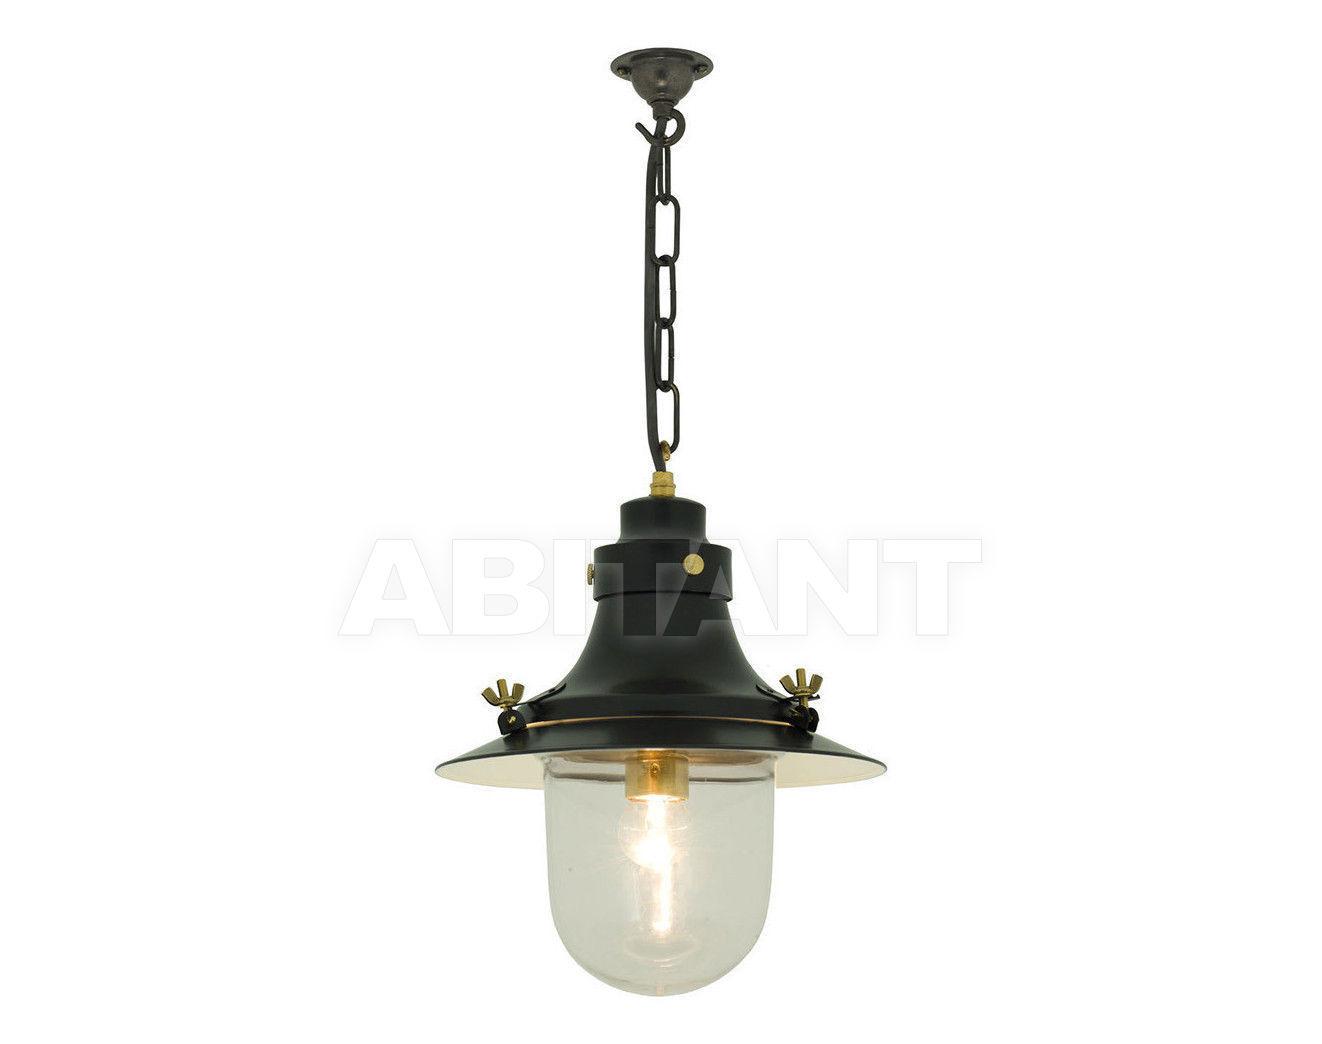 Купить Светильник Davey Lighting Pendants 7125/BL/CL